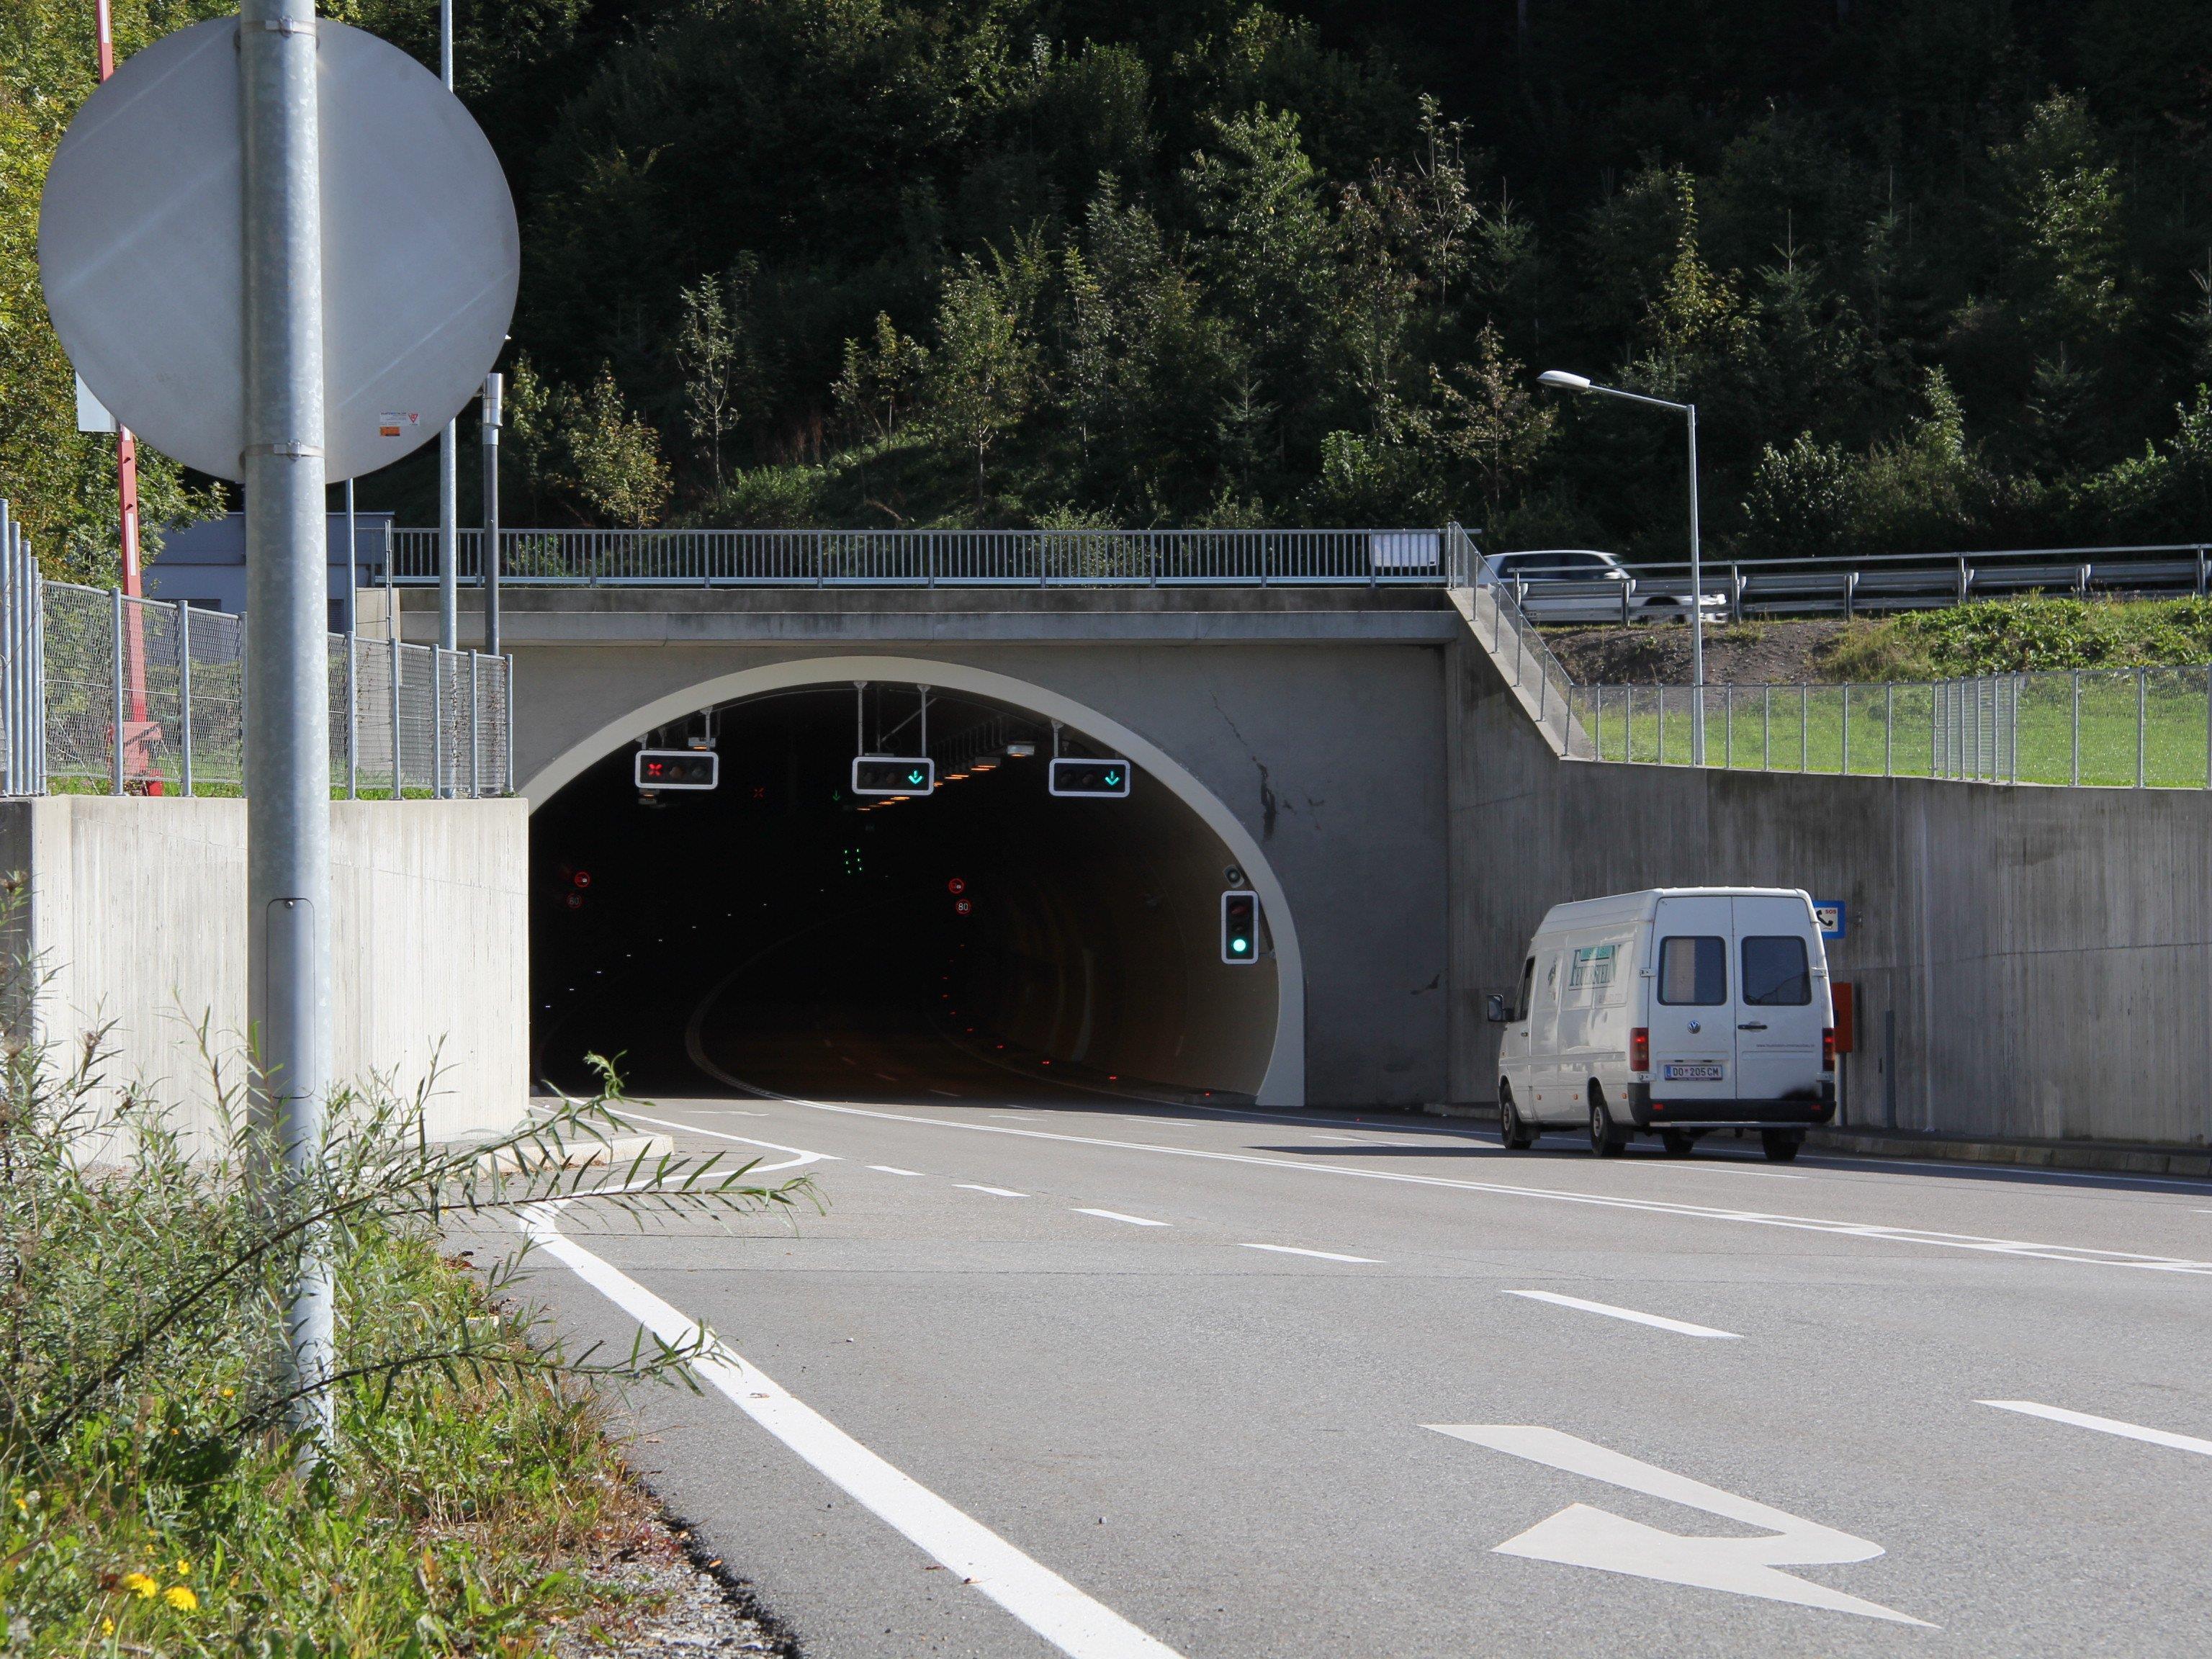 Im Achraintunnel werden derzeit Wartungs- und Reinigungsarbeiten durchgeführt.